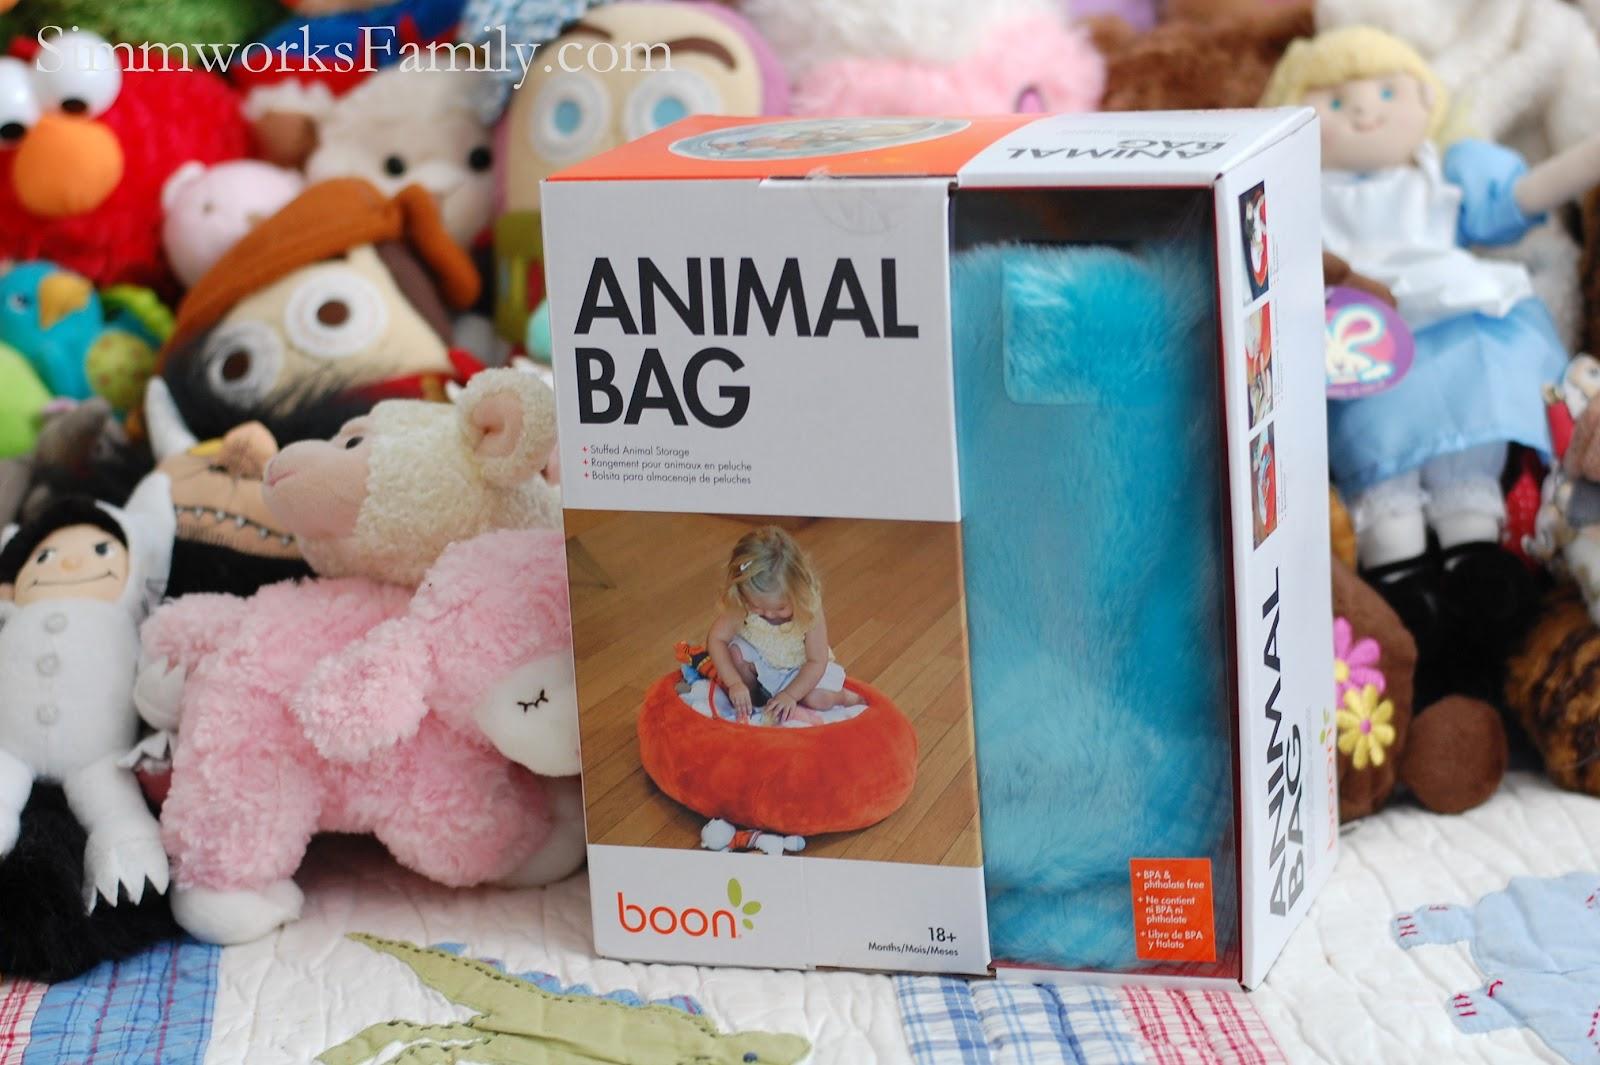 Attirant Animal Bag3. The Boon Animal Bag ...